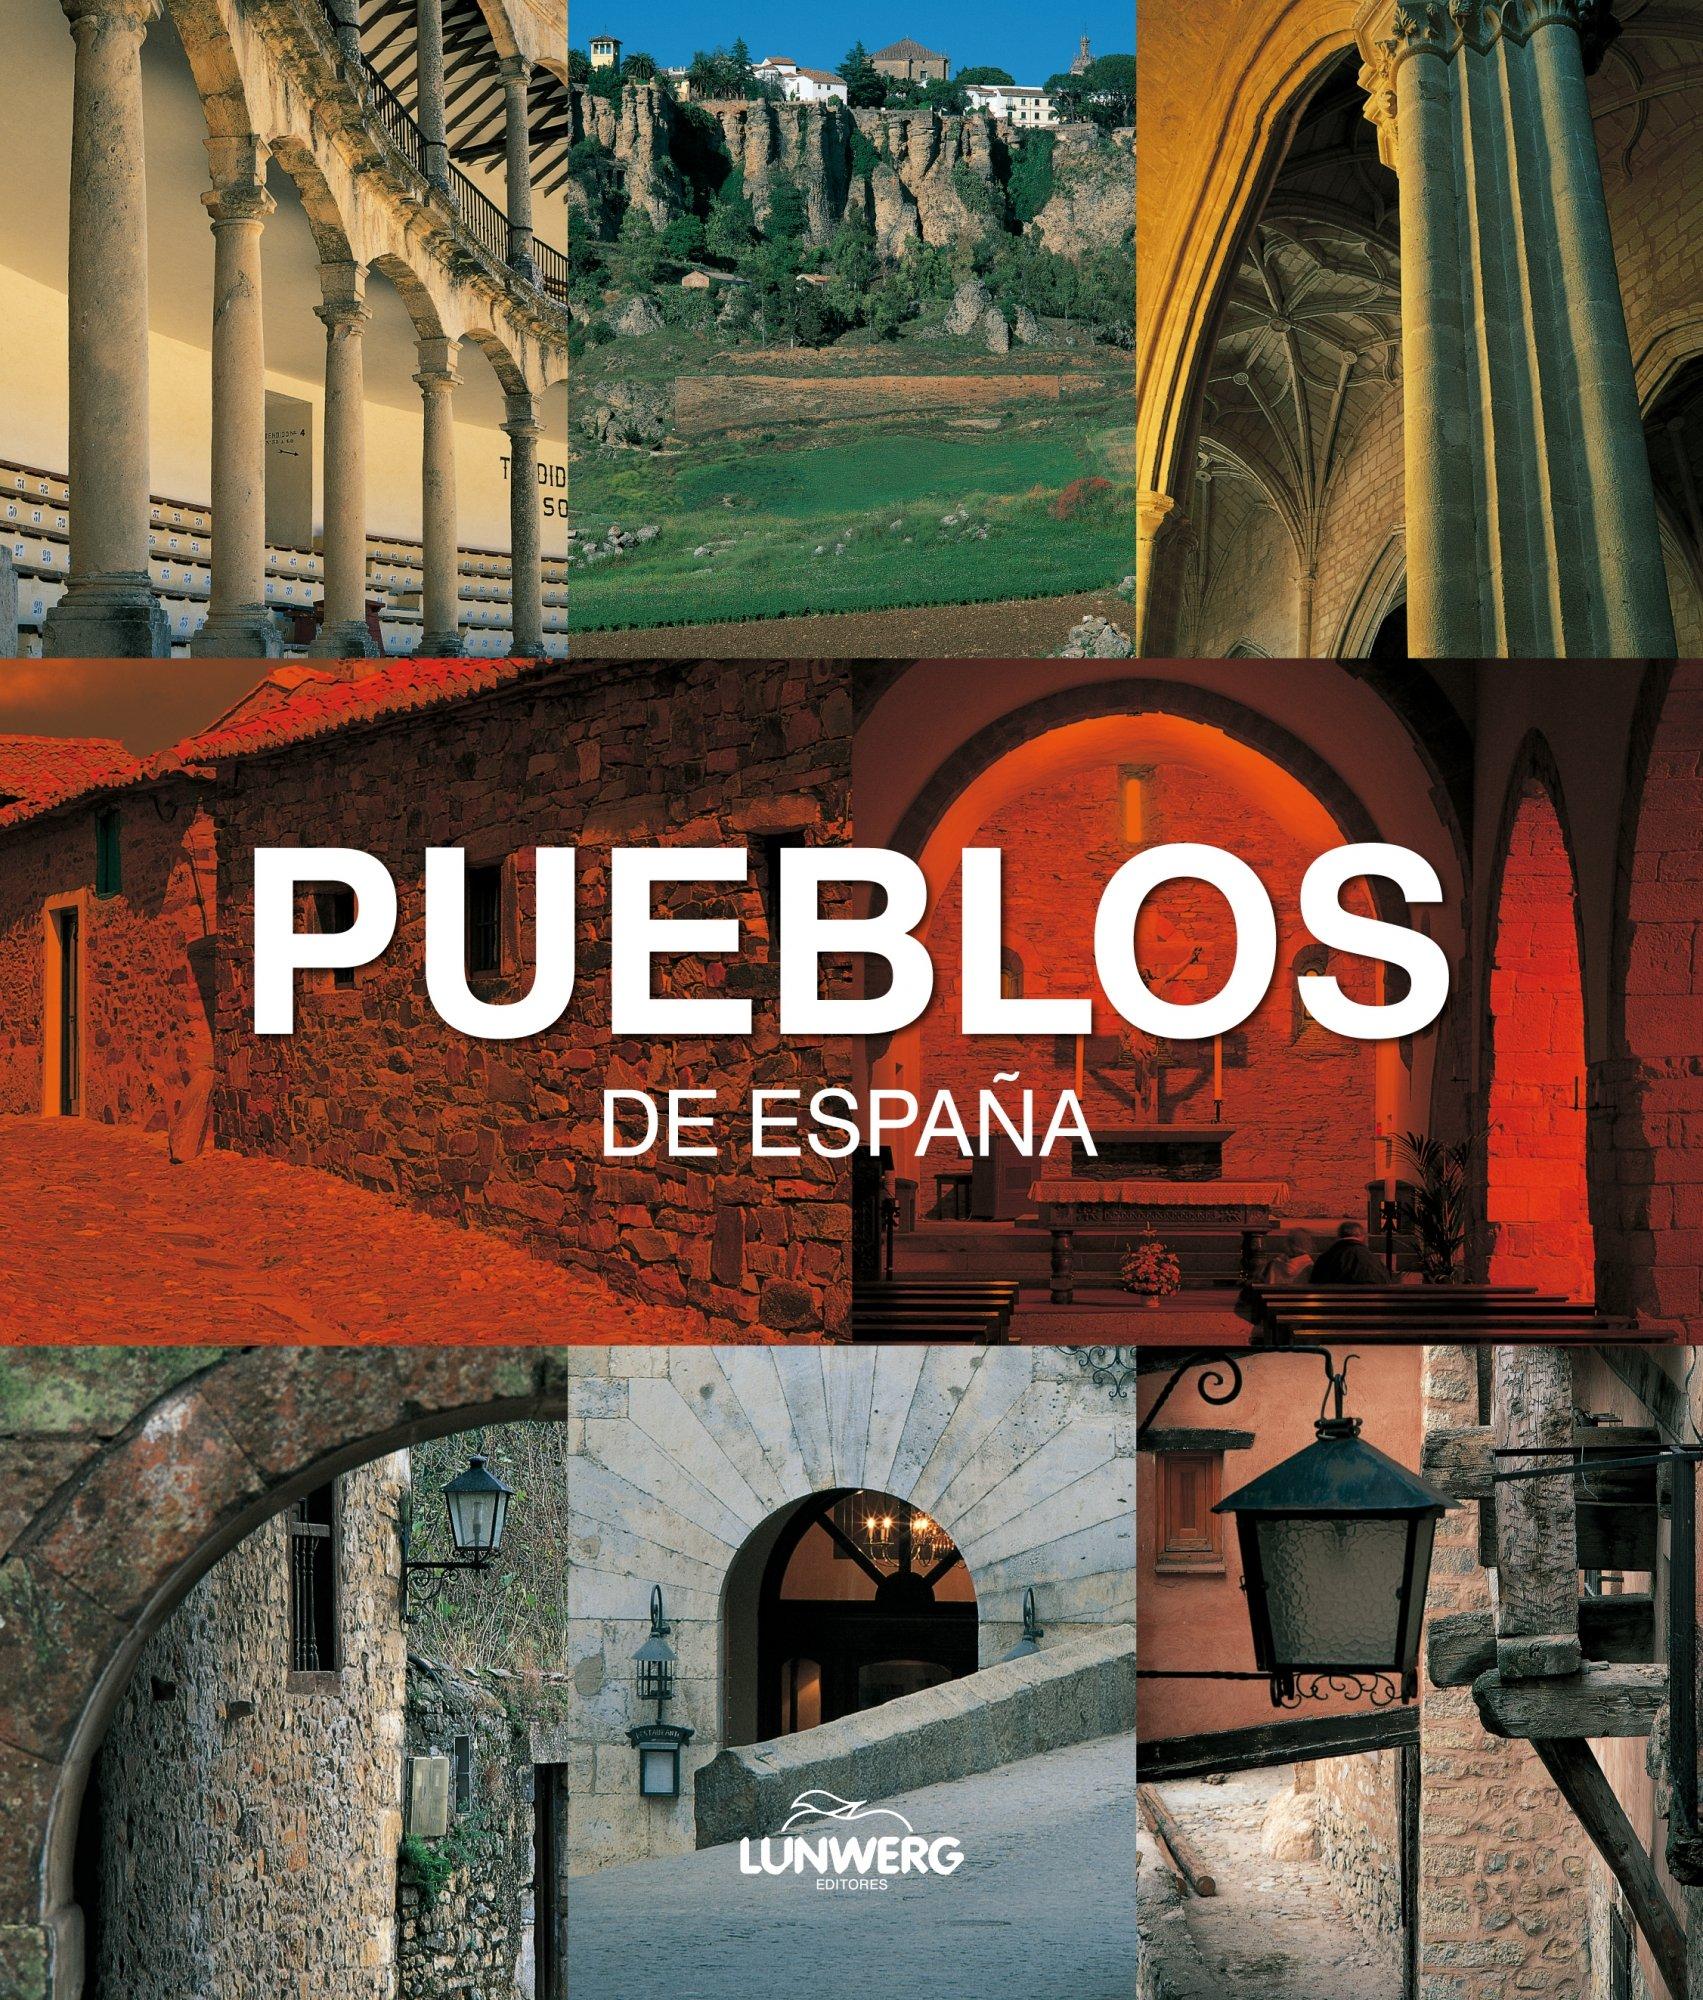 Pueblos de España. Lunwerg Medium: Amazon.es: Olle Martin, Albert: Libros